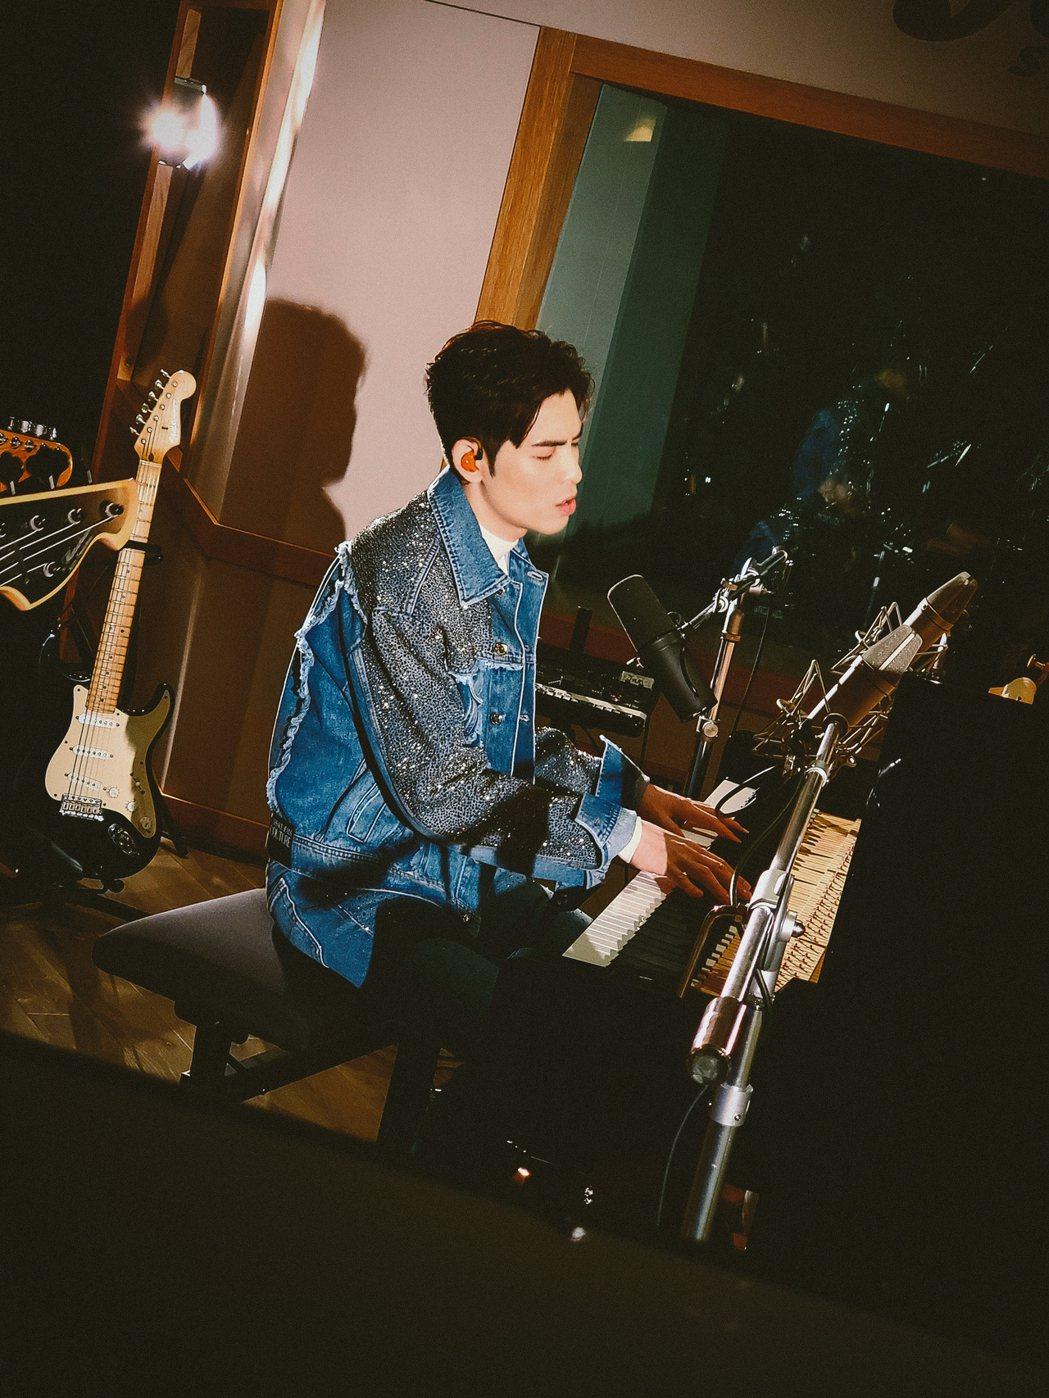 蕭敬騰帶來歌曲「披星戴月的想你」。圖/喜鵲娛樂提供